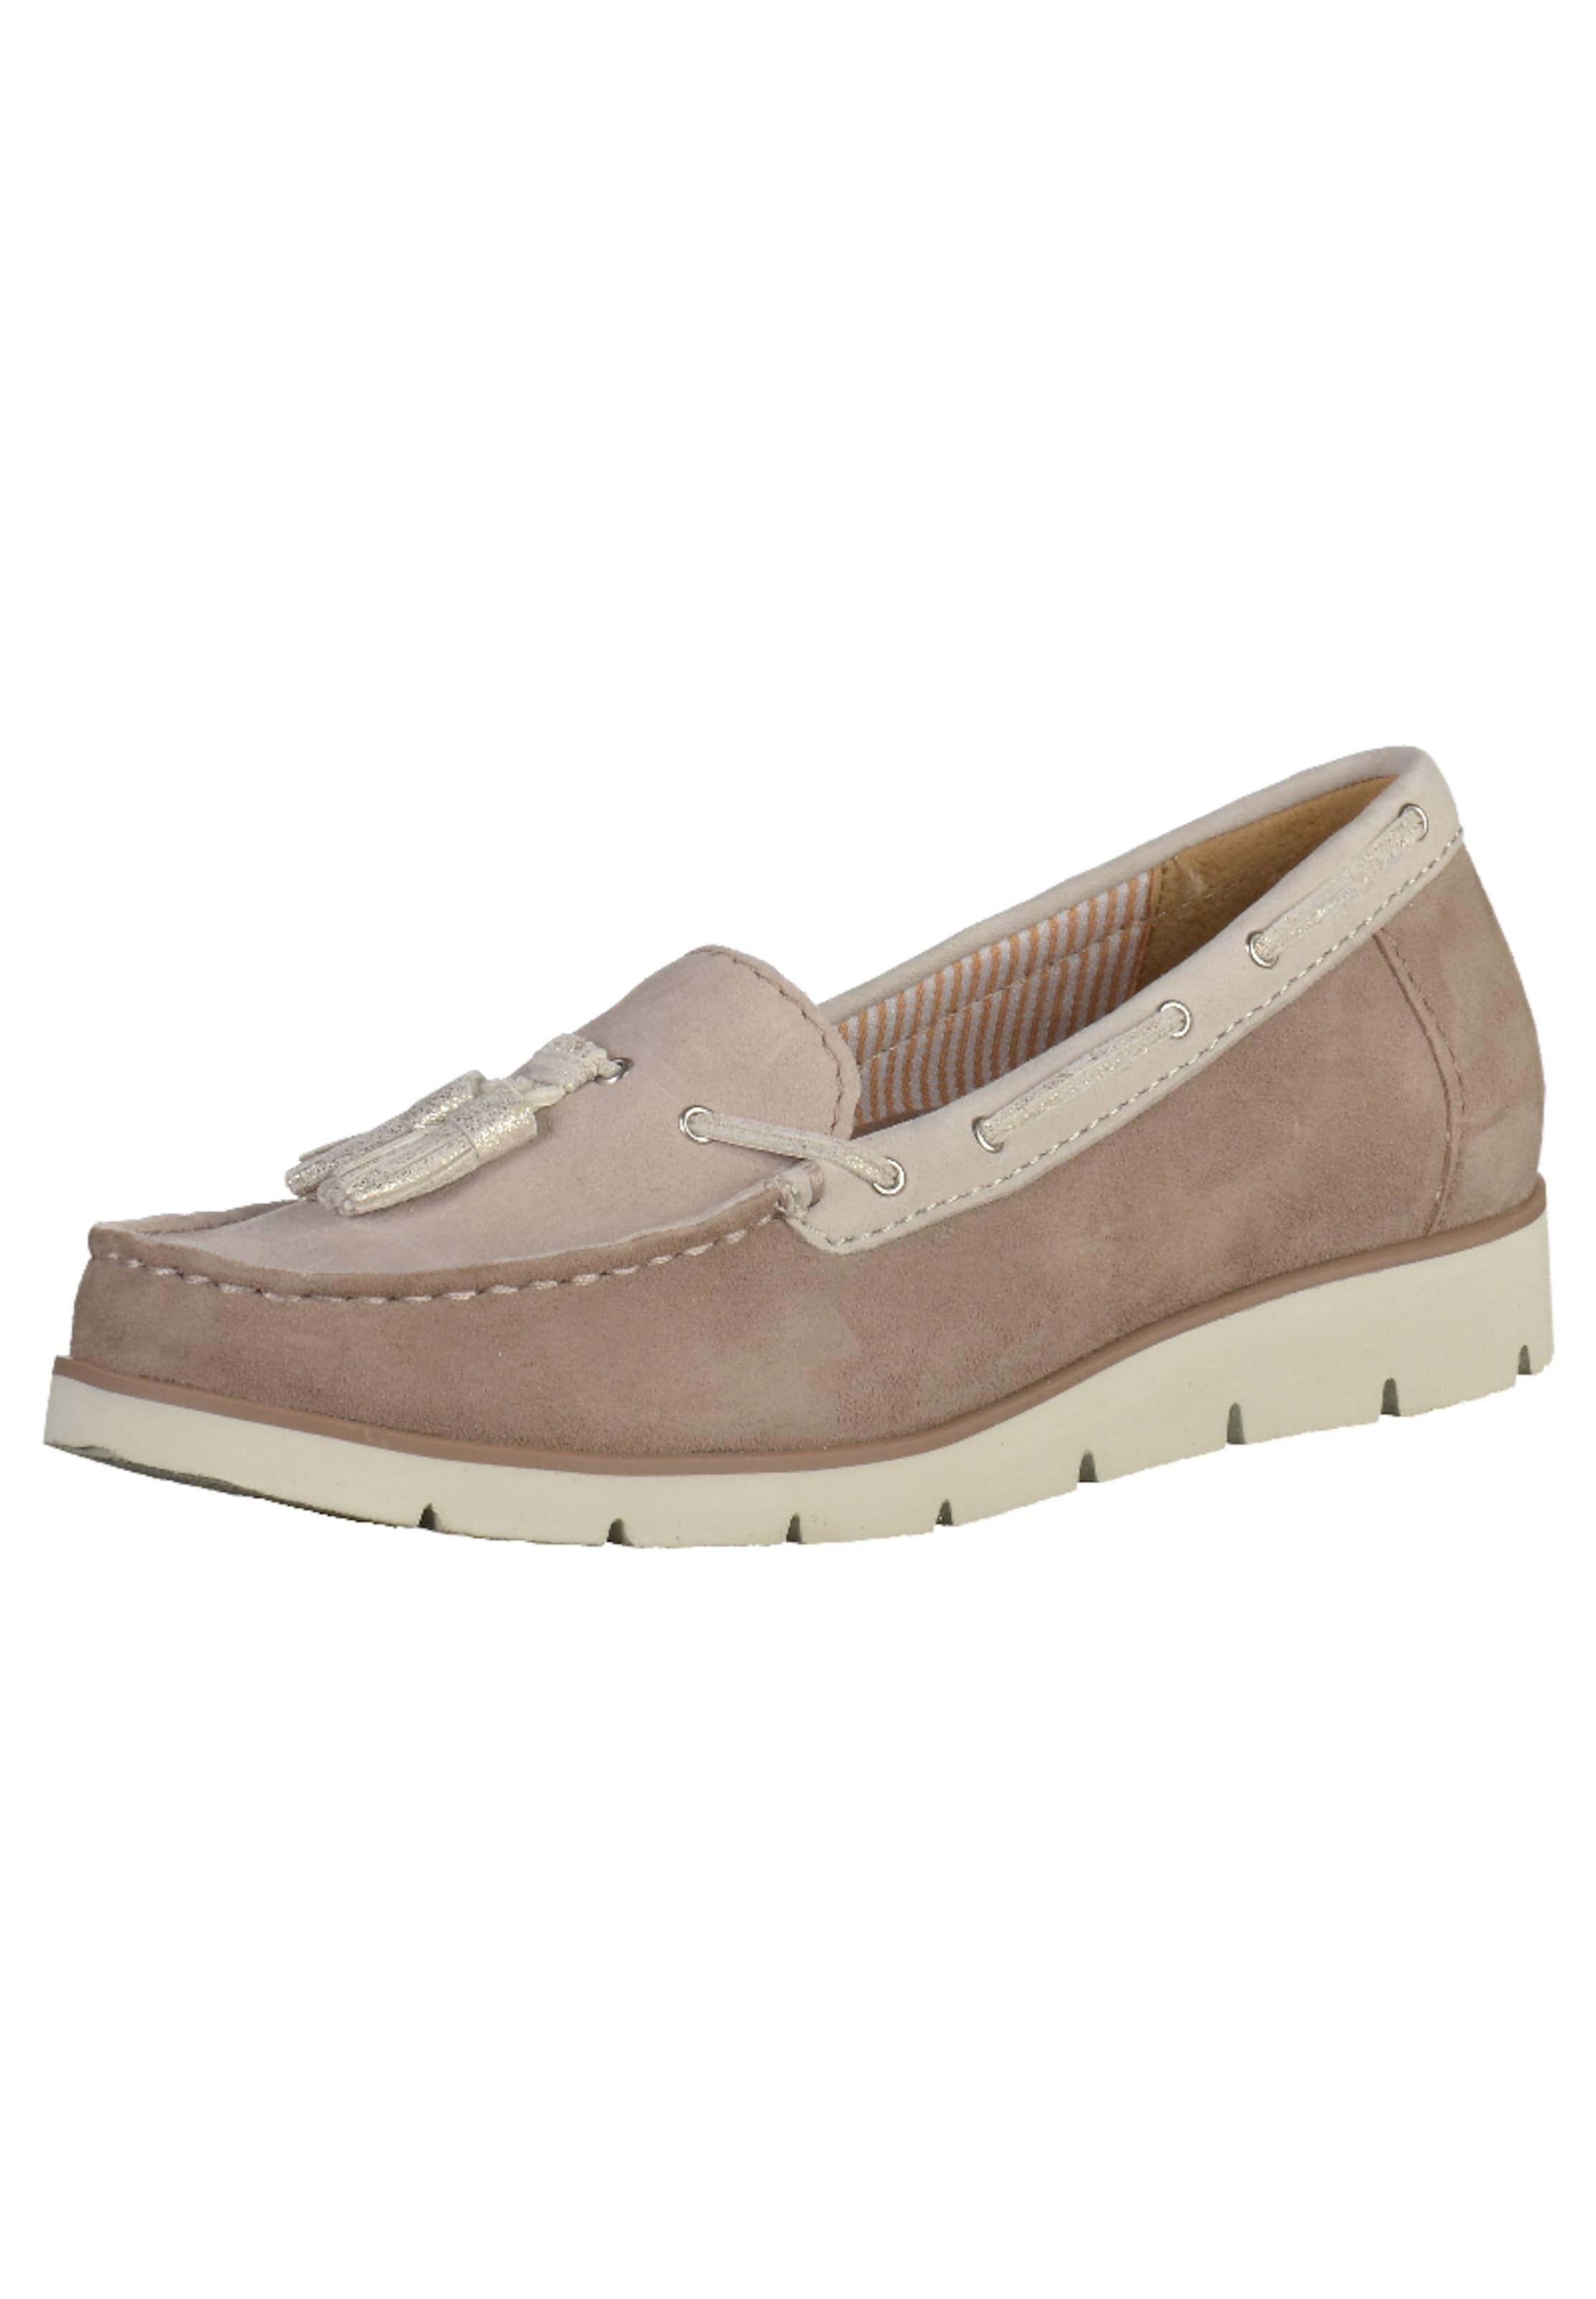 GABOR Mokassin Verschleißfeste billige Schuhe Hohe Qualität